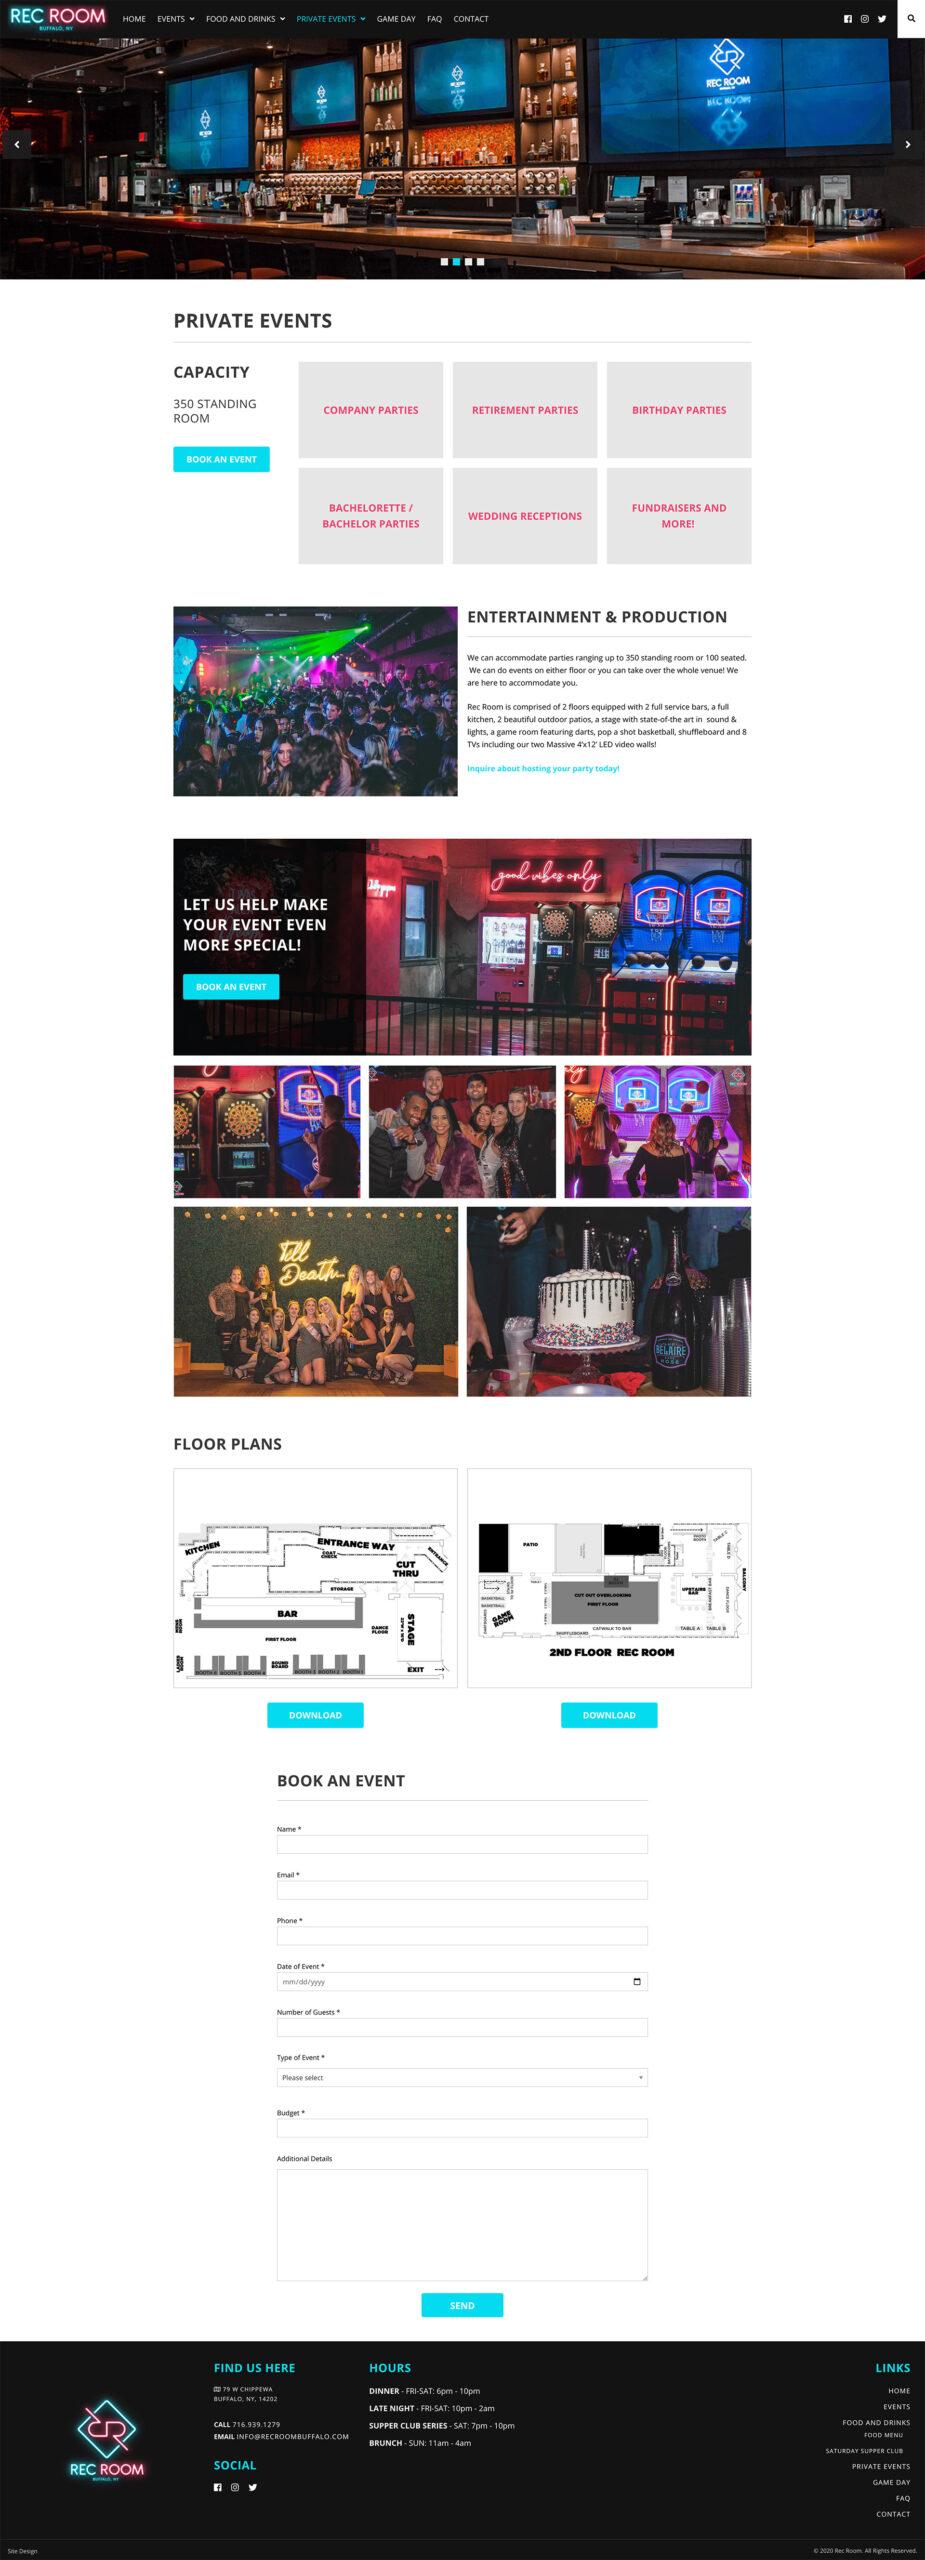 Schuler - Portfolio - Rec Room - Private Events